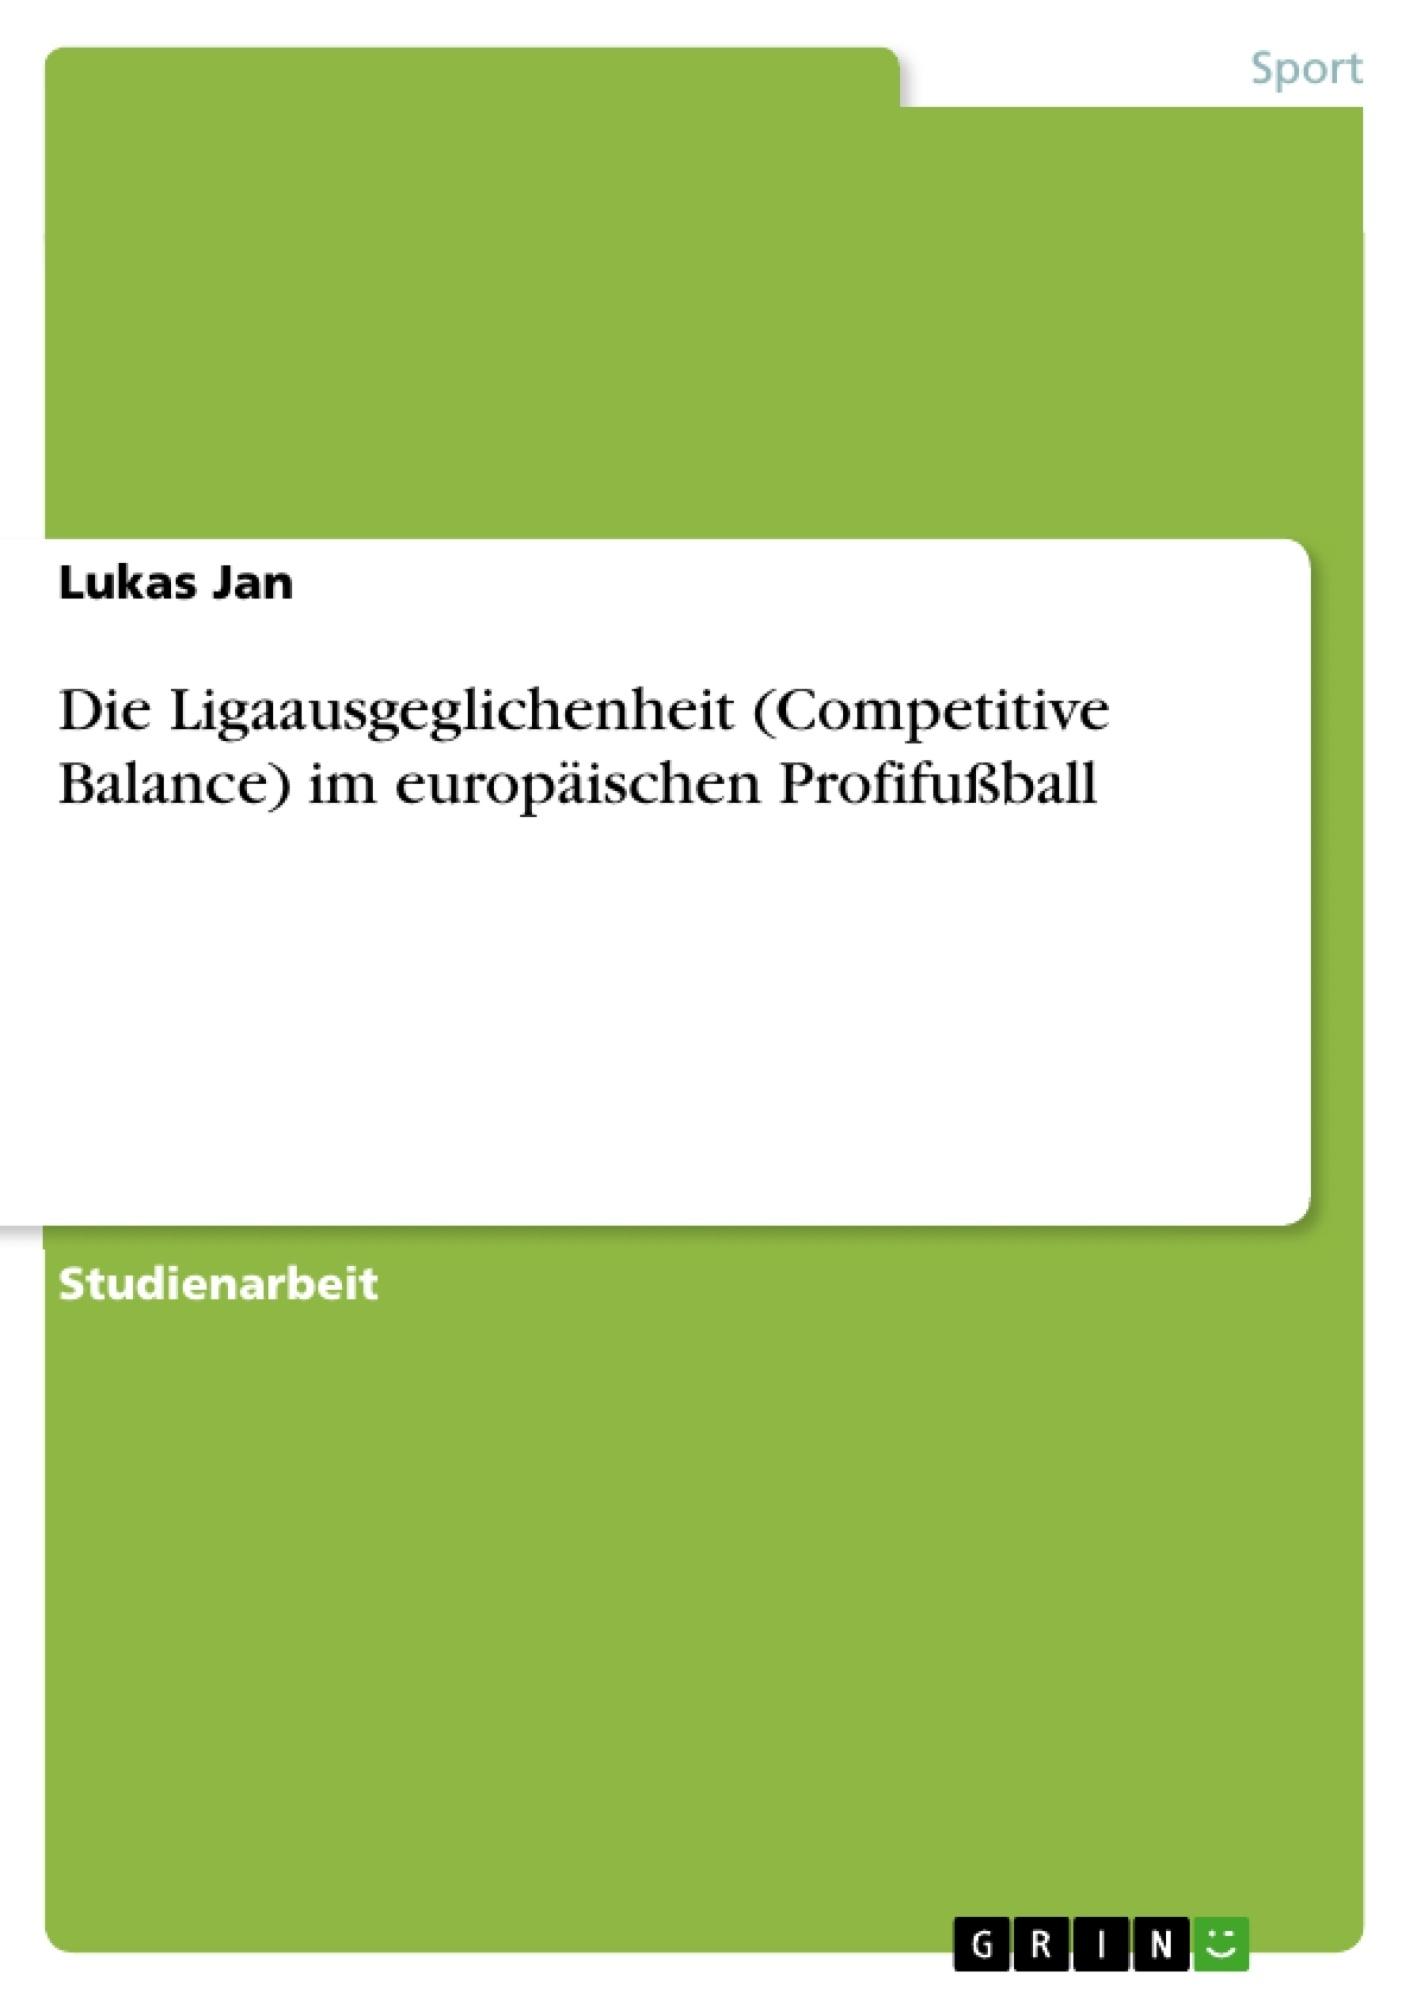 Titel: Die Ligaausgeglichenheit (Competitive Balance) im europäischen Profifußball